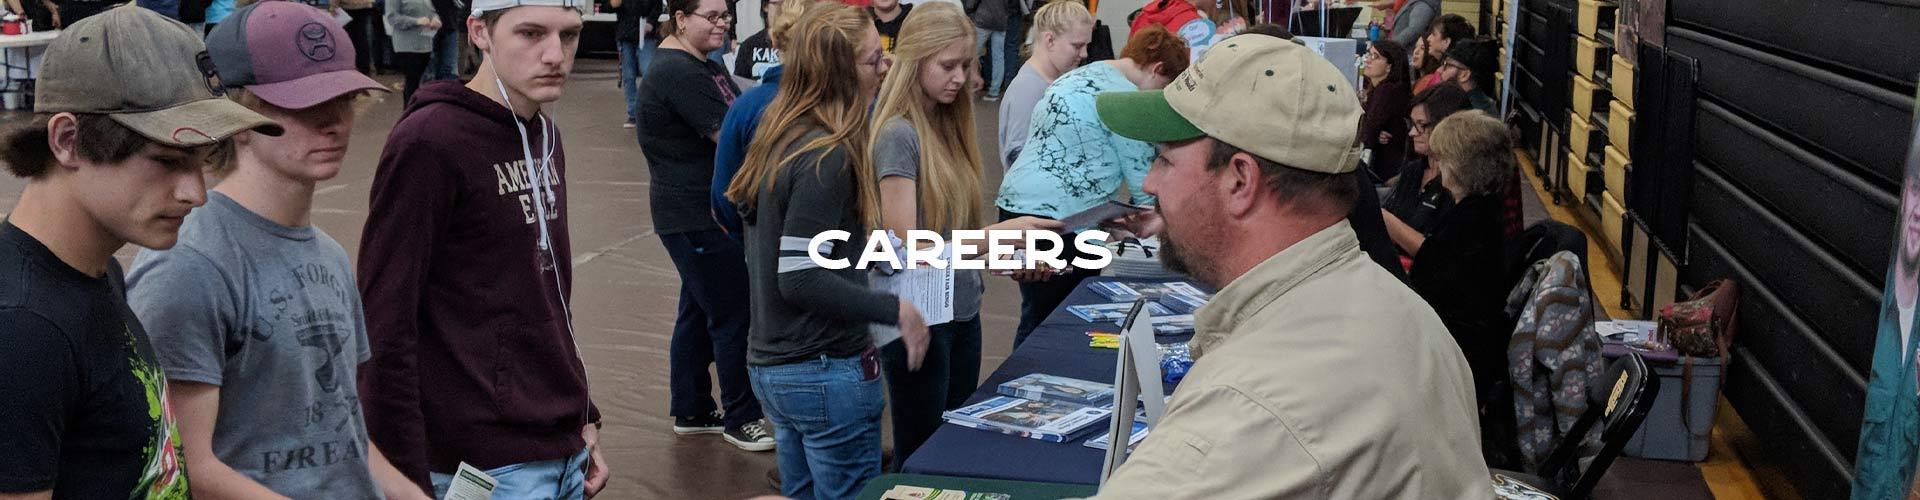 careers-header